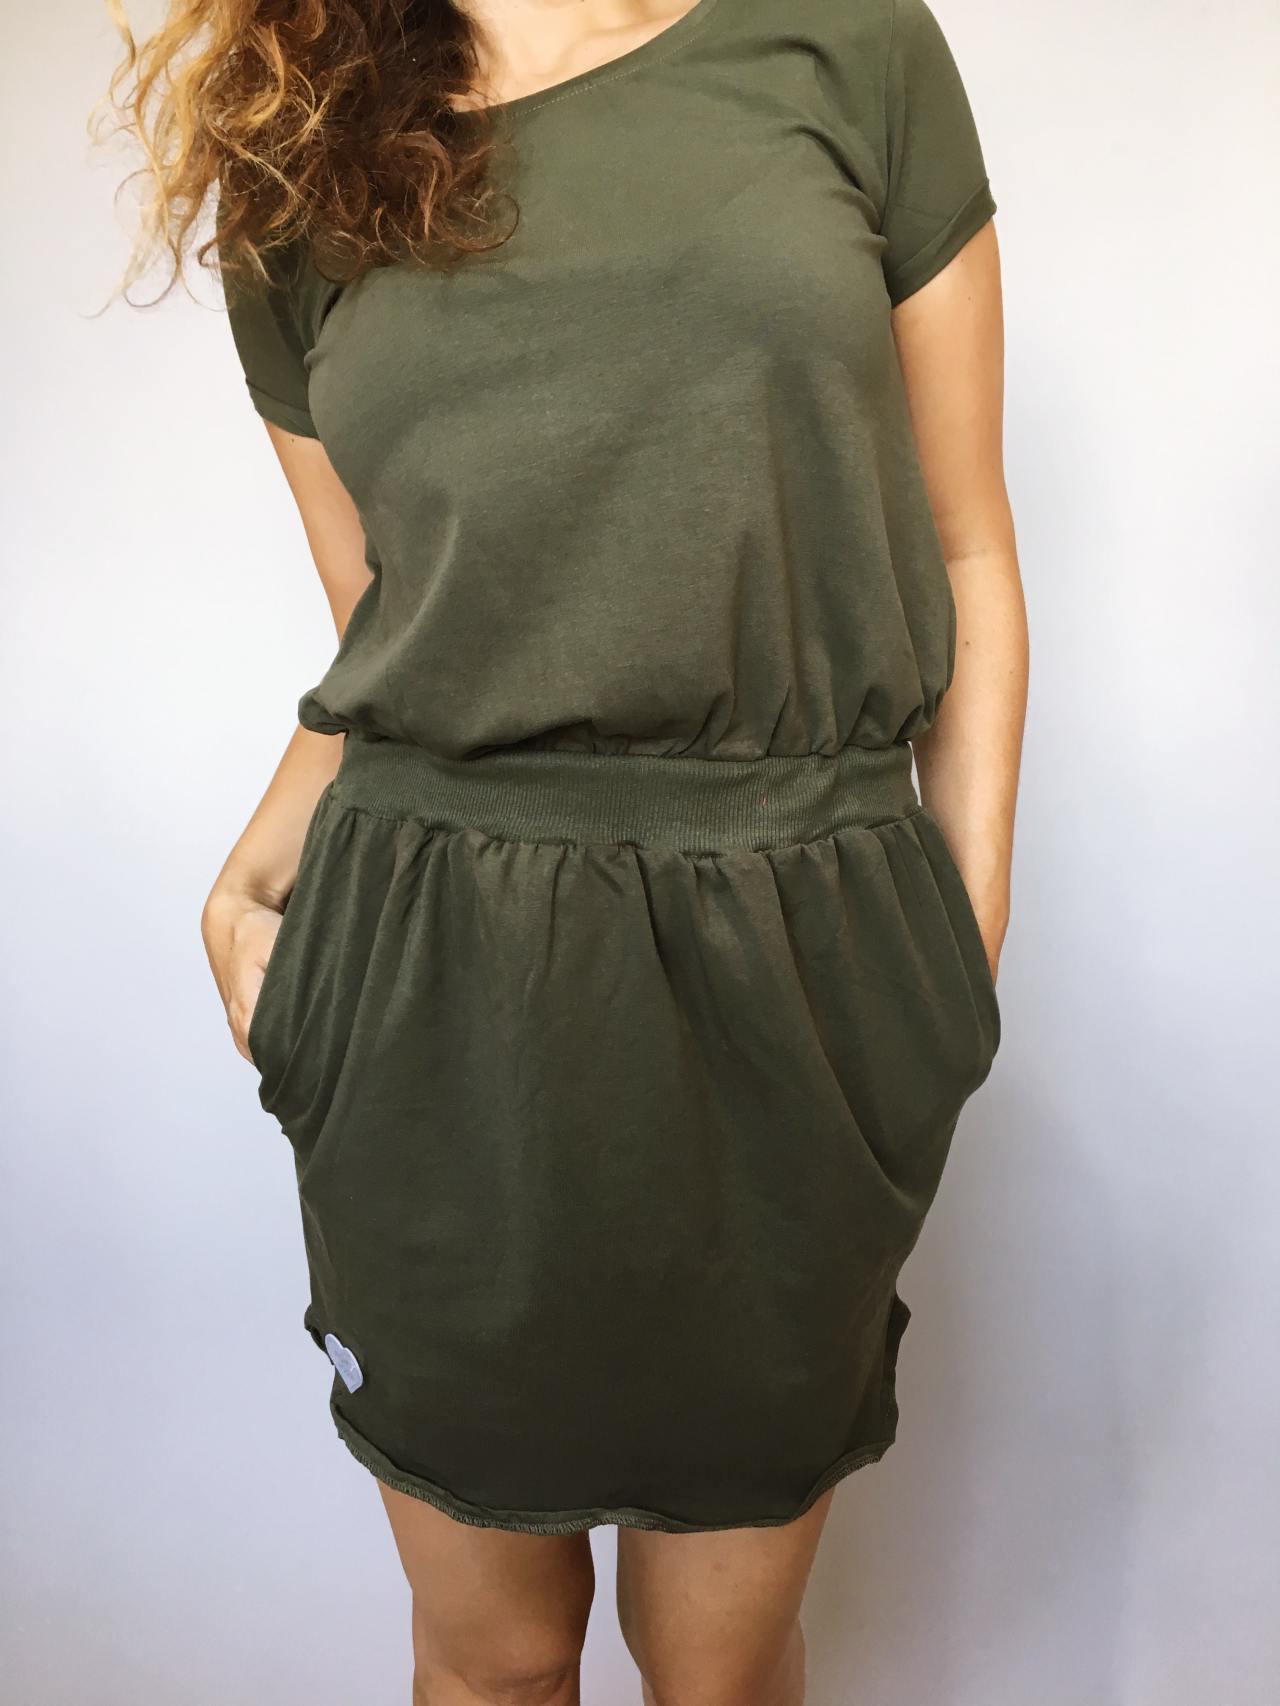 Šaty Carry khaki 02